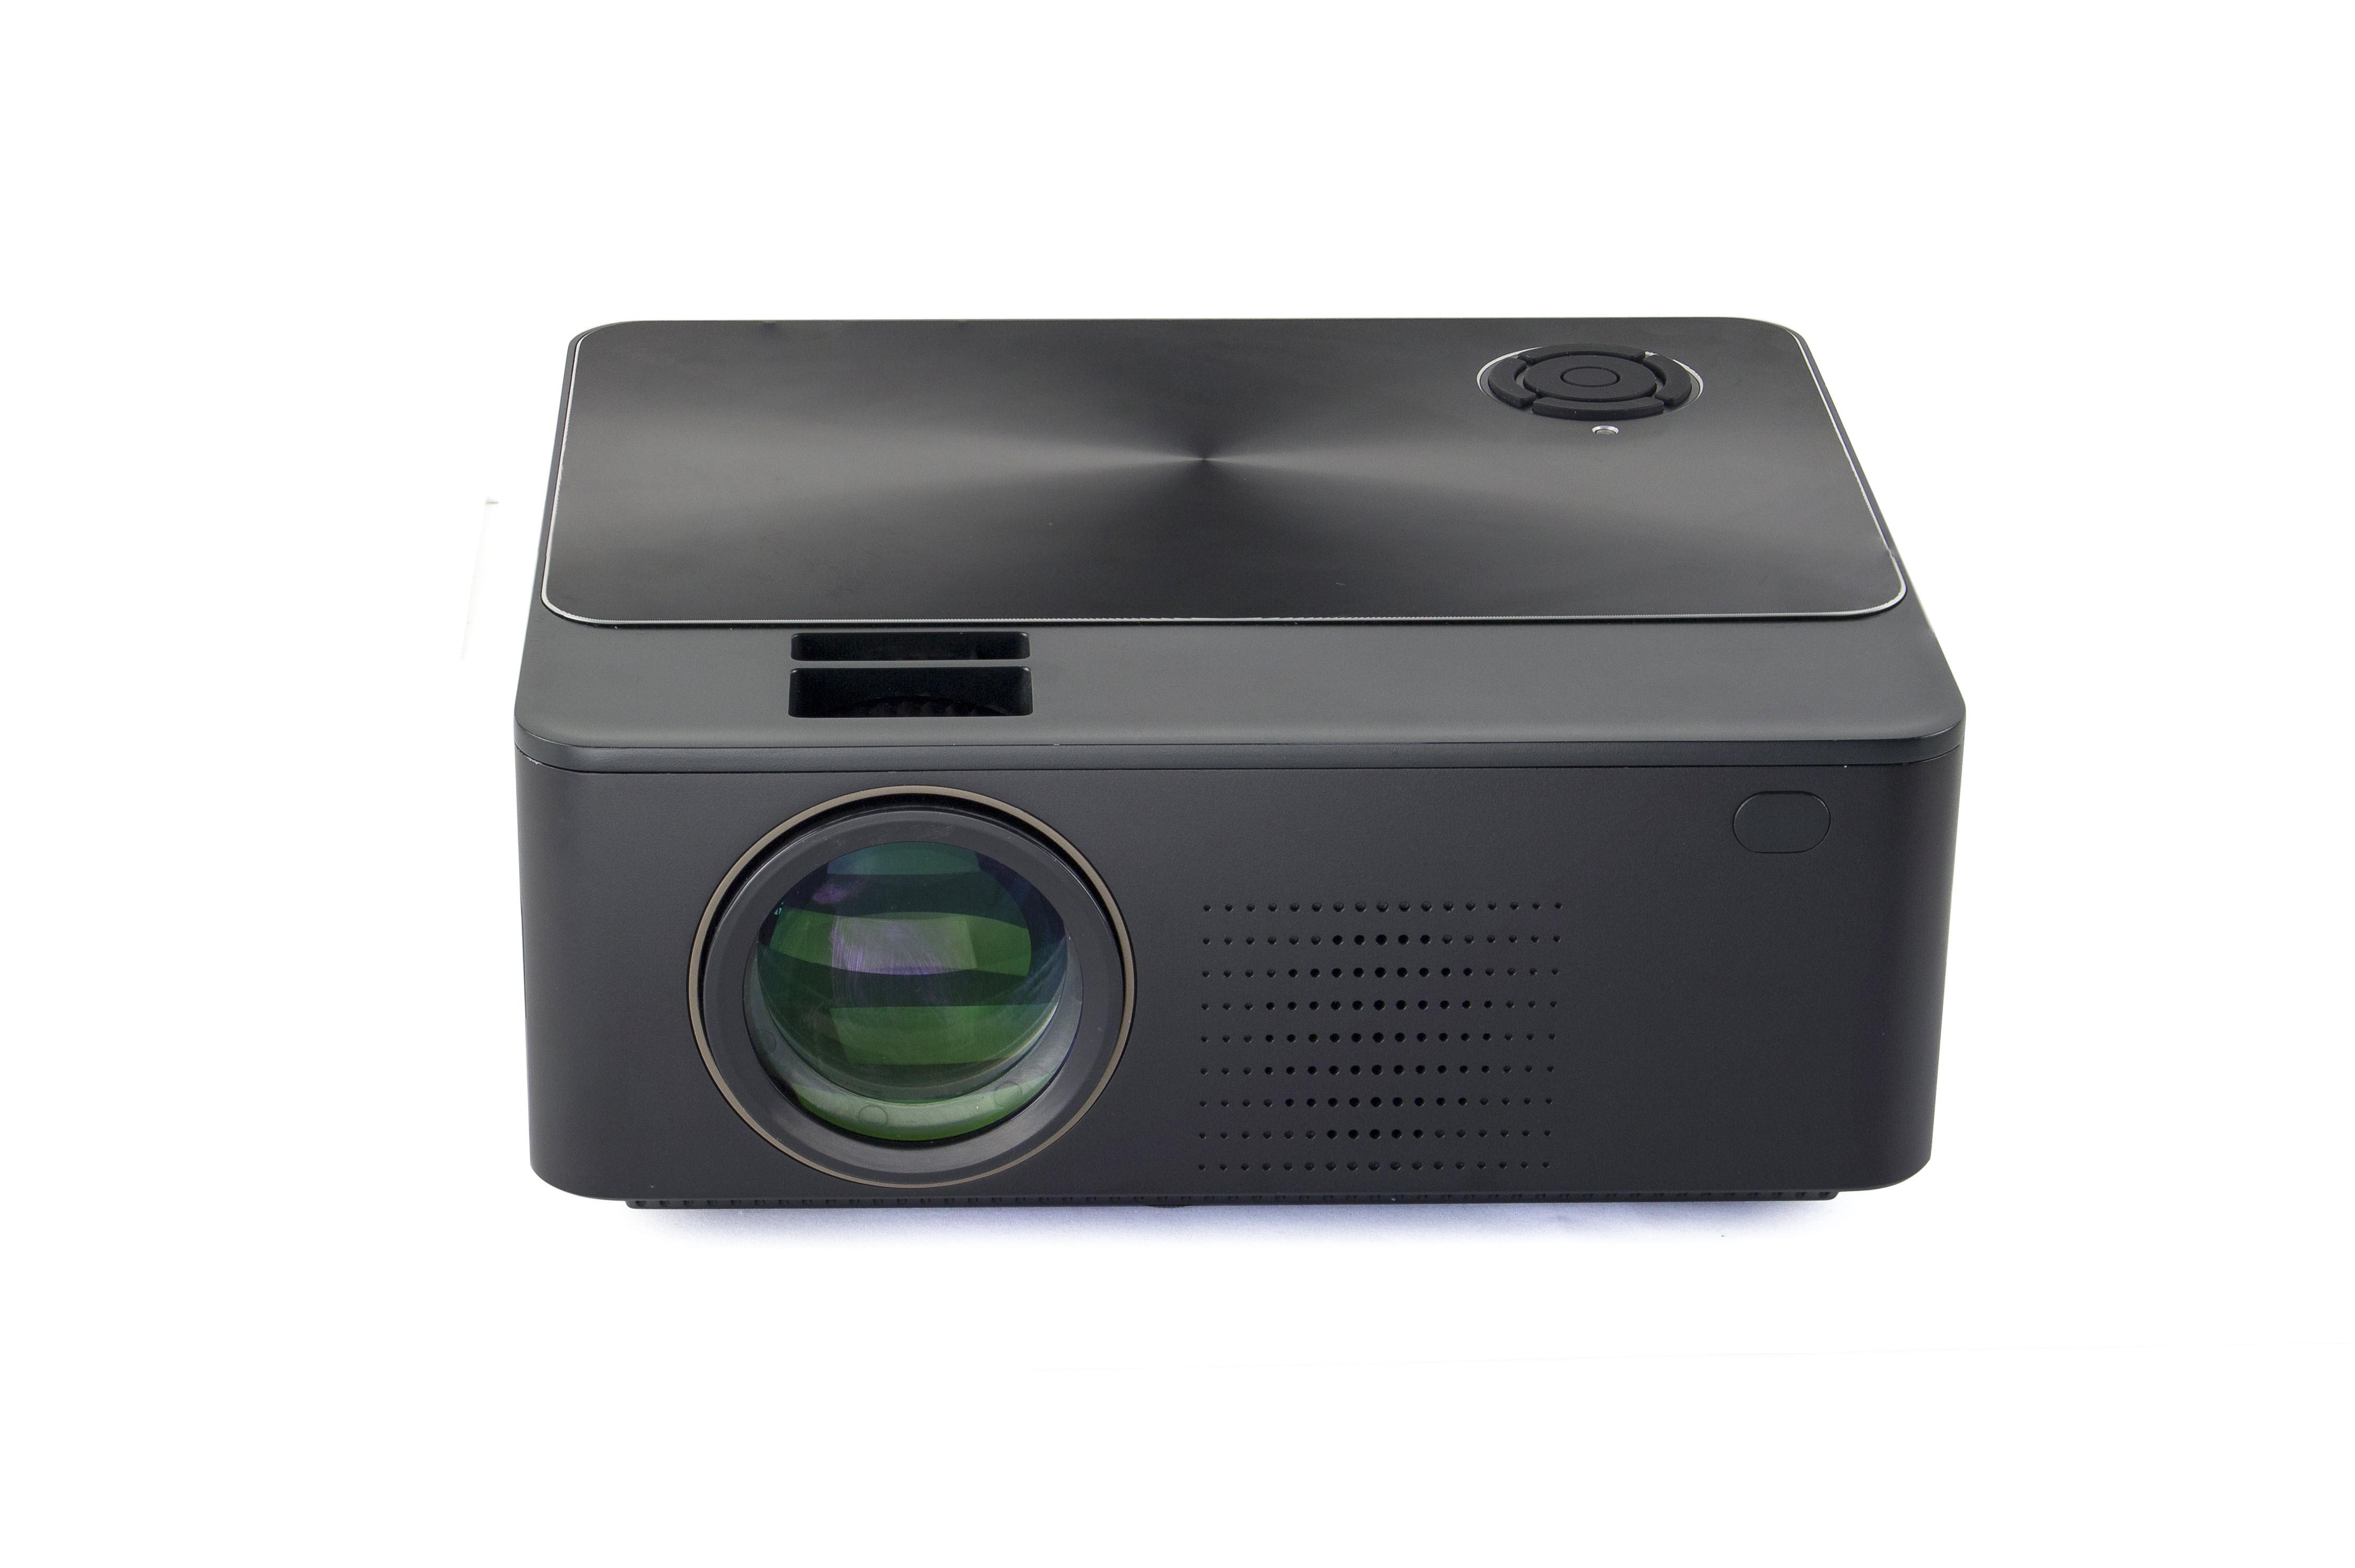 Máy Chiếu Mini Chuyên Dùng Cho Gia Đình, Văn Phòng Nhỏ W2 HĐH Android 6.0 Kết Nối Bluetooth 4.0, Wifi 2.4/5GHz Tính Năng Đồng Bộ Màn Hình DLAN/Miracast/Airplay - Đầu Vào Giao Diện USB/HDMI * 2/AV/VGA/SD - Độ Phân Giải Hỗ Trợ 1920x1080P